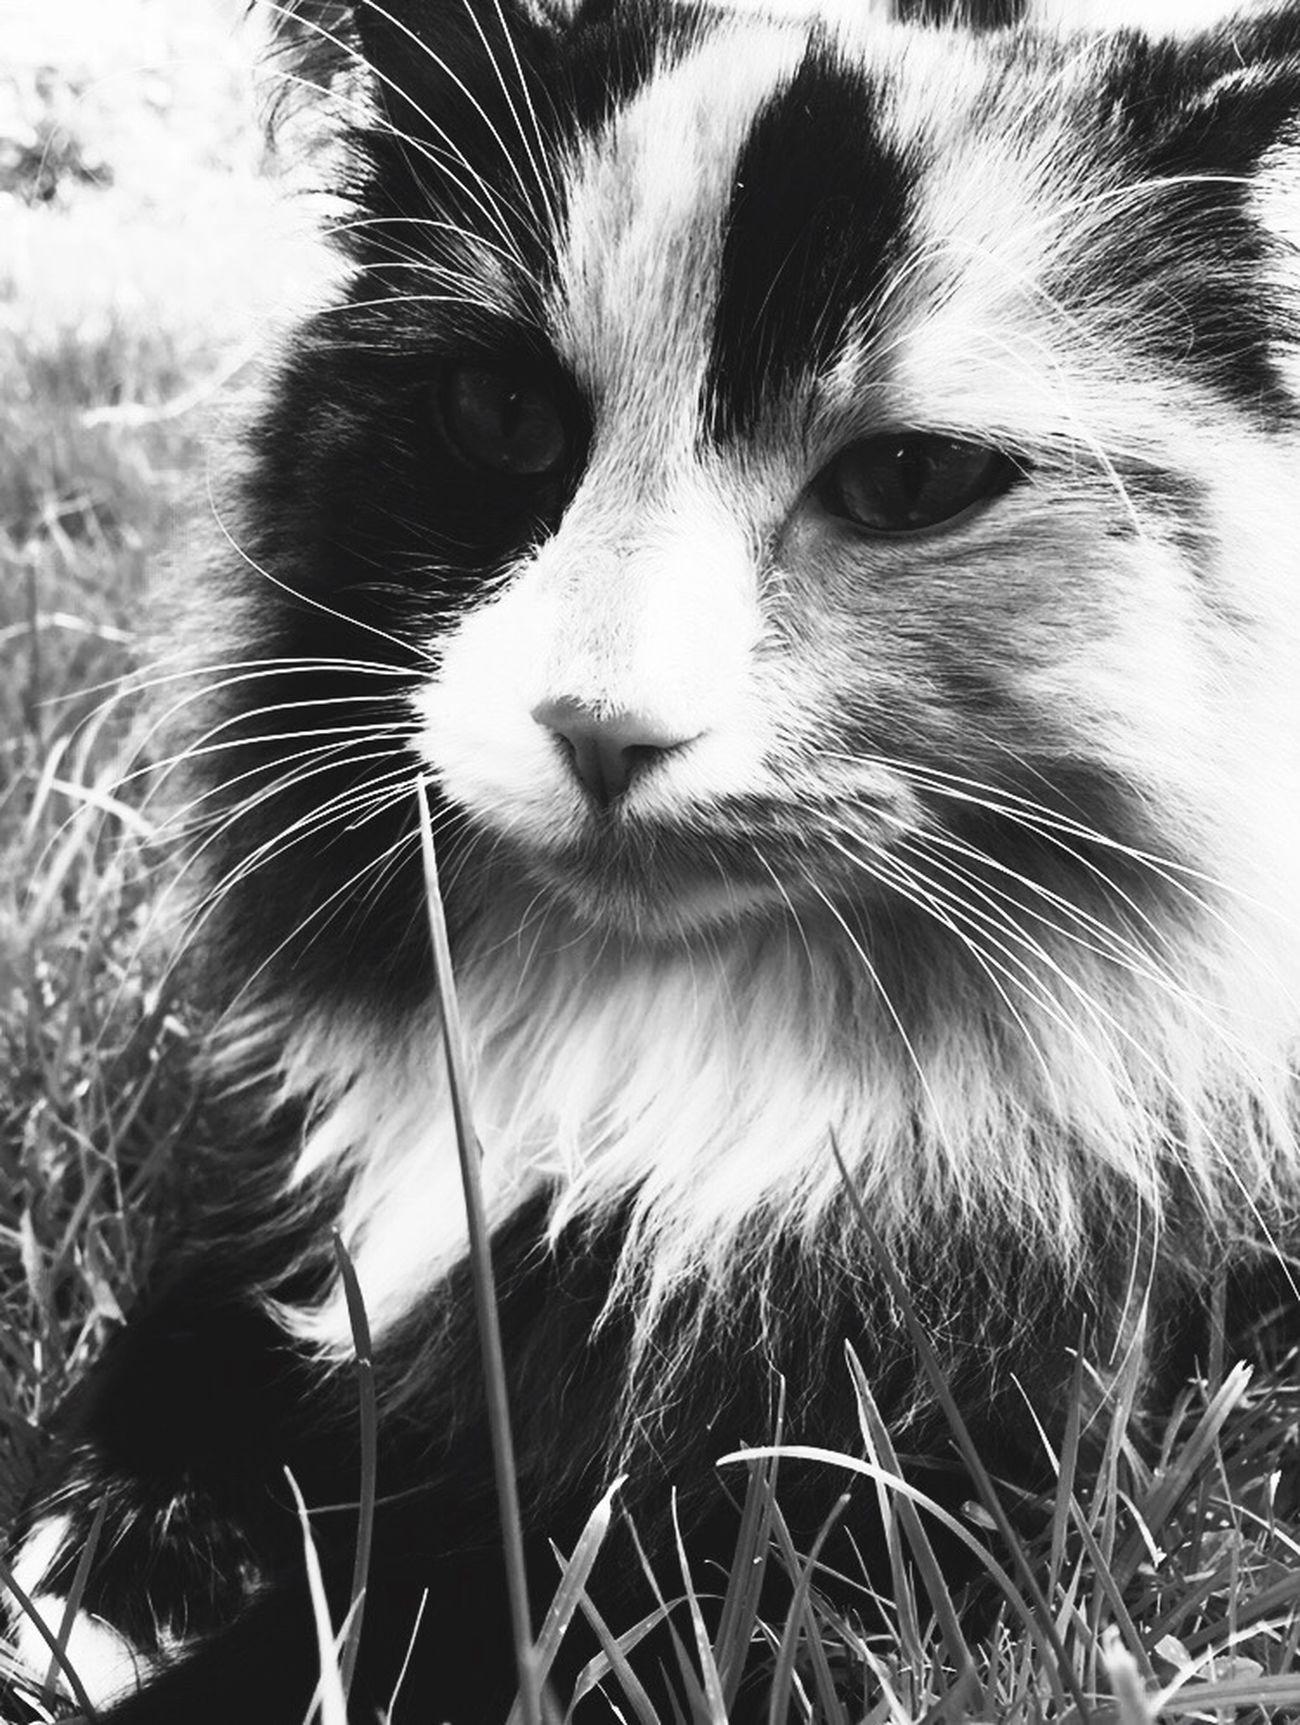 Cat Blackandwhite Blackandwhitecat my cat Frida